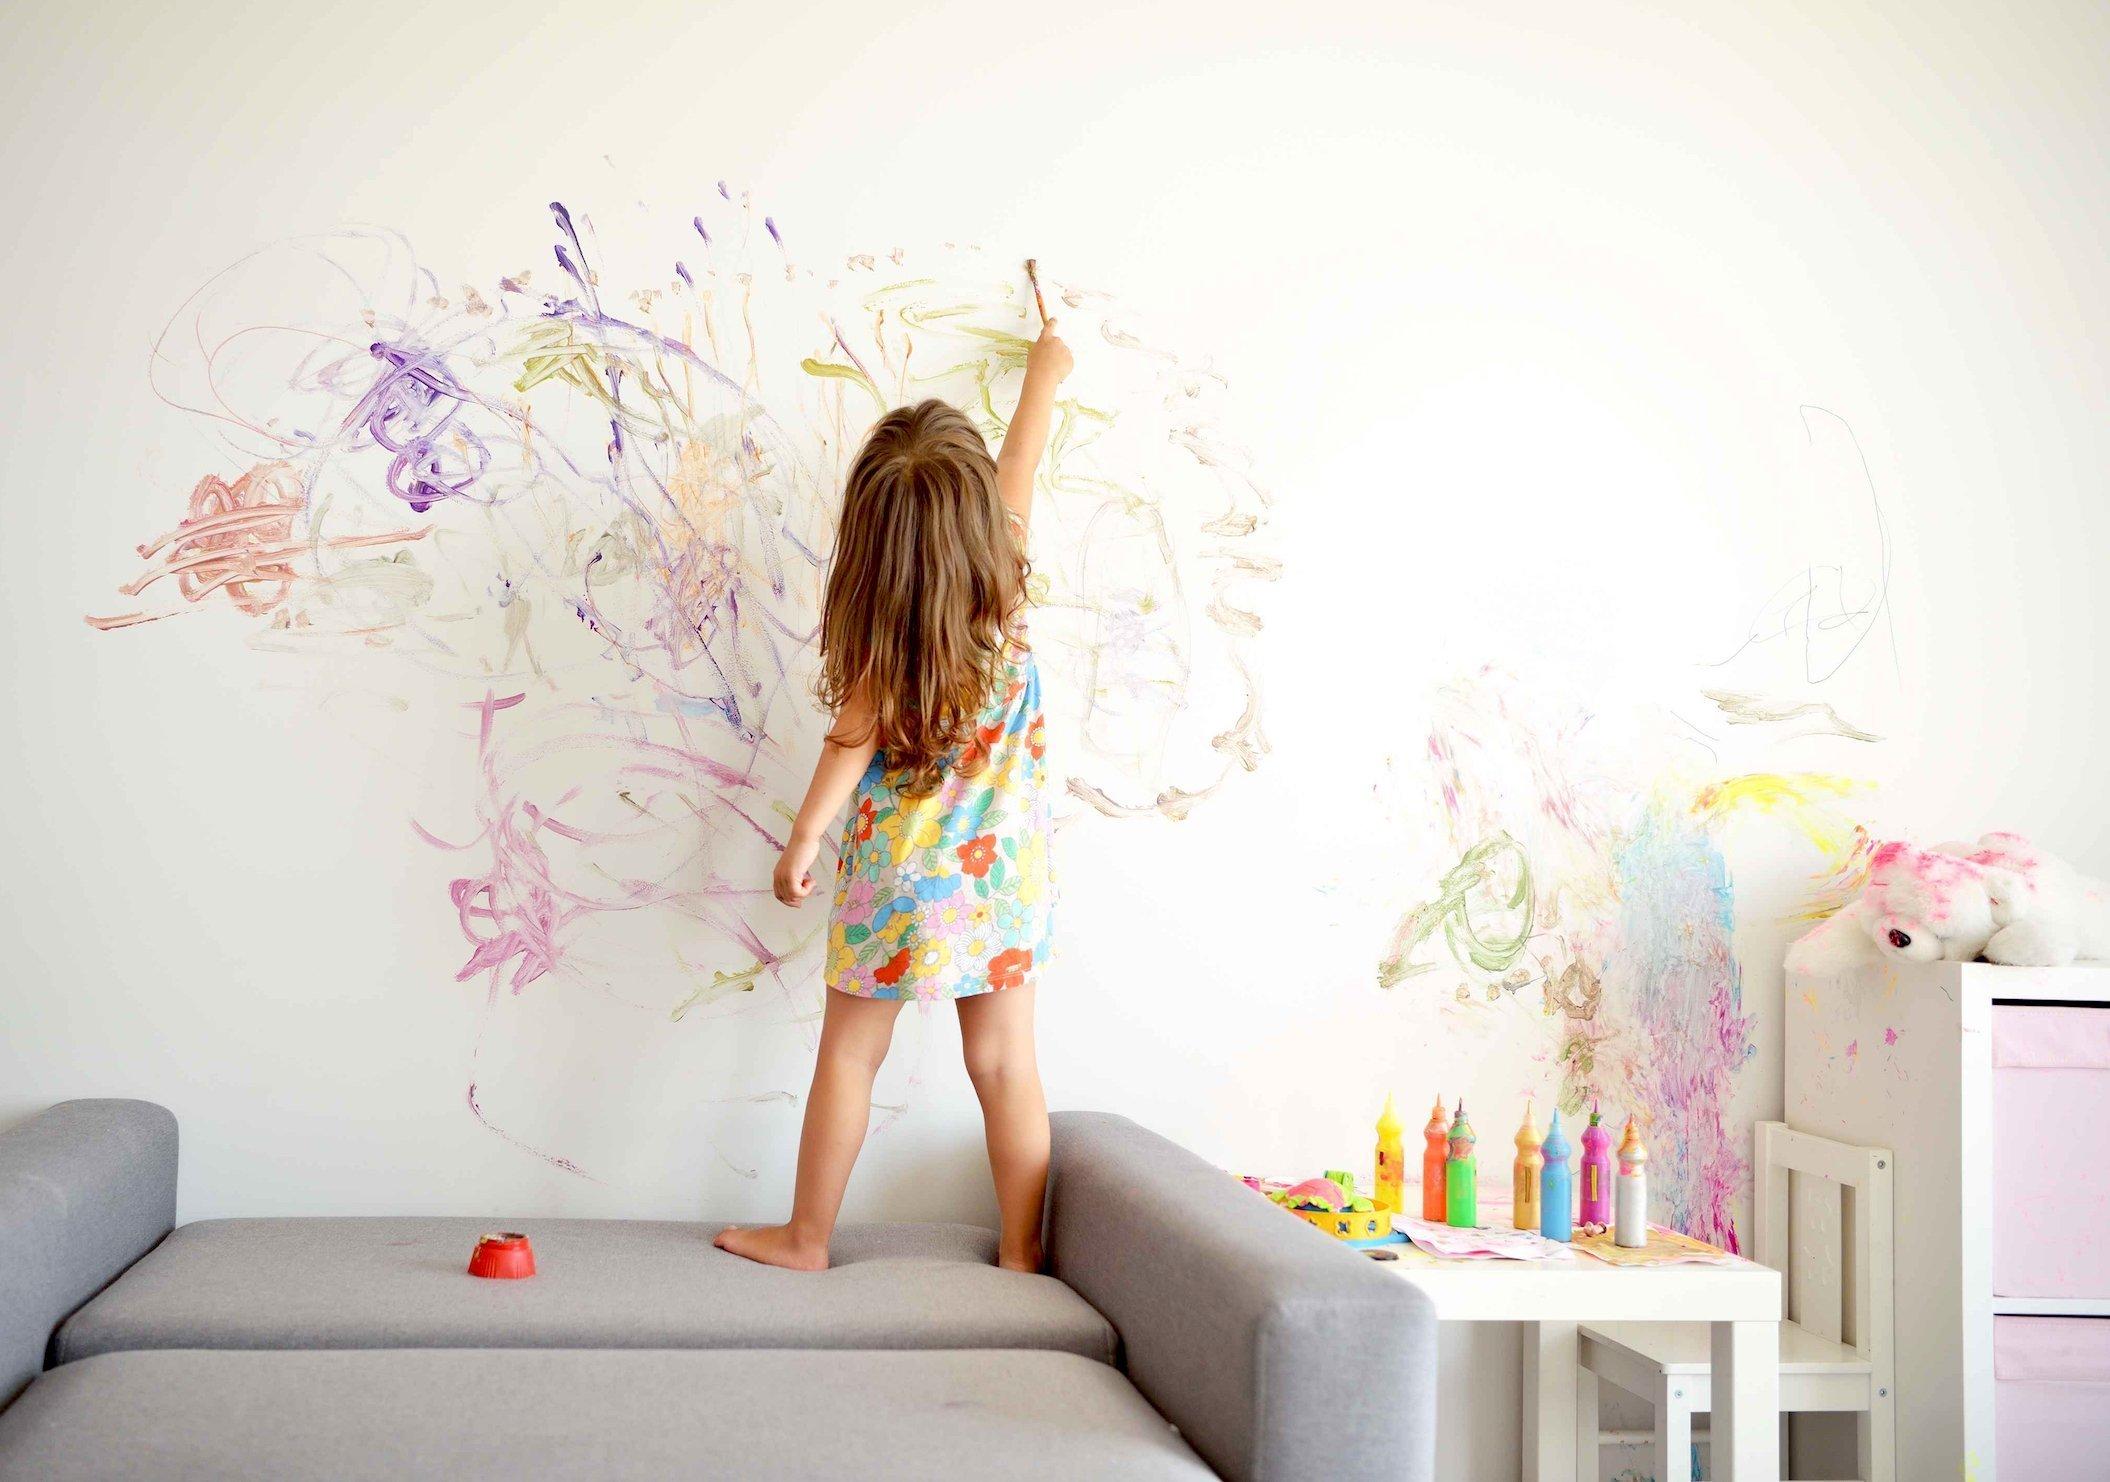 Správně zařízený dětský pokoj roste spolu s dítětem. Dokáže se přizpůsobit, a tak i šetřit vaši peněženku. Nejen díky chytrému nábytku v něm mohou naprosto pohodlně bydlet děti různého věku.